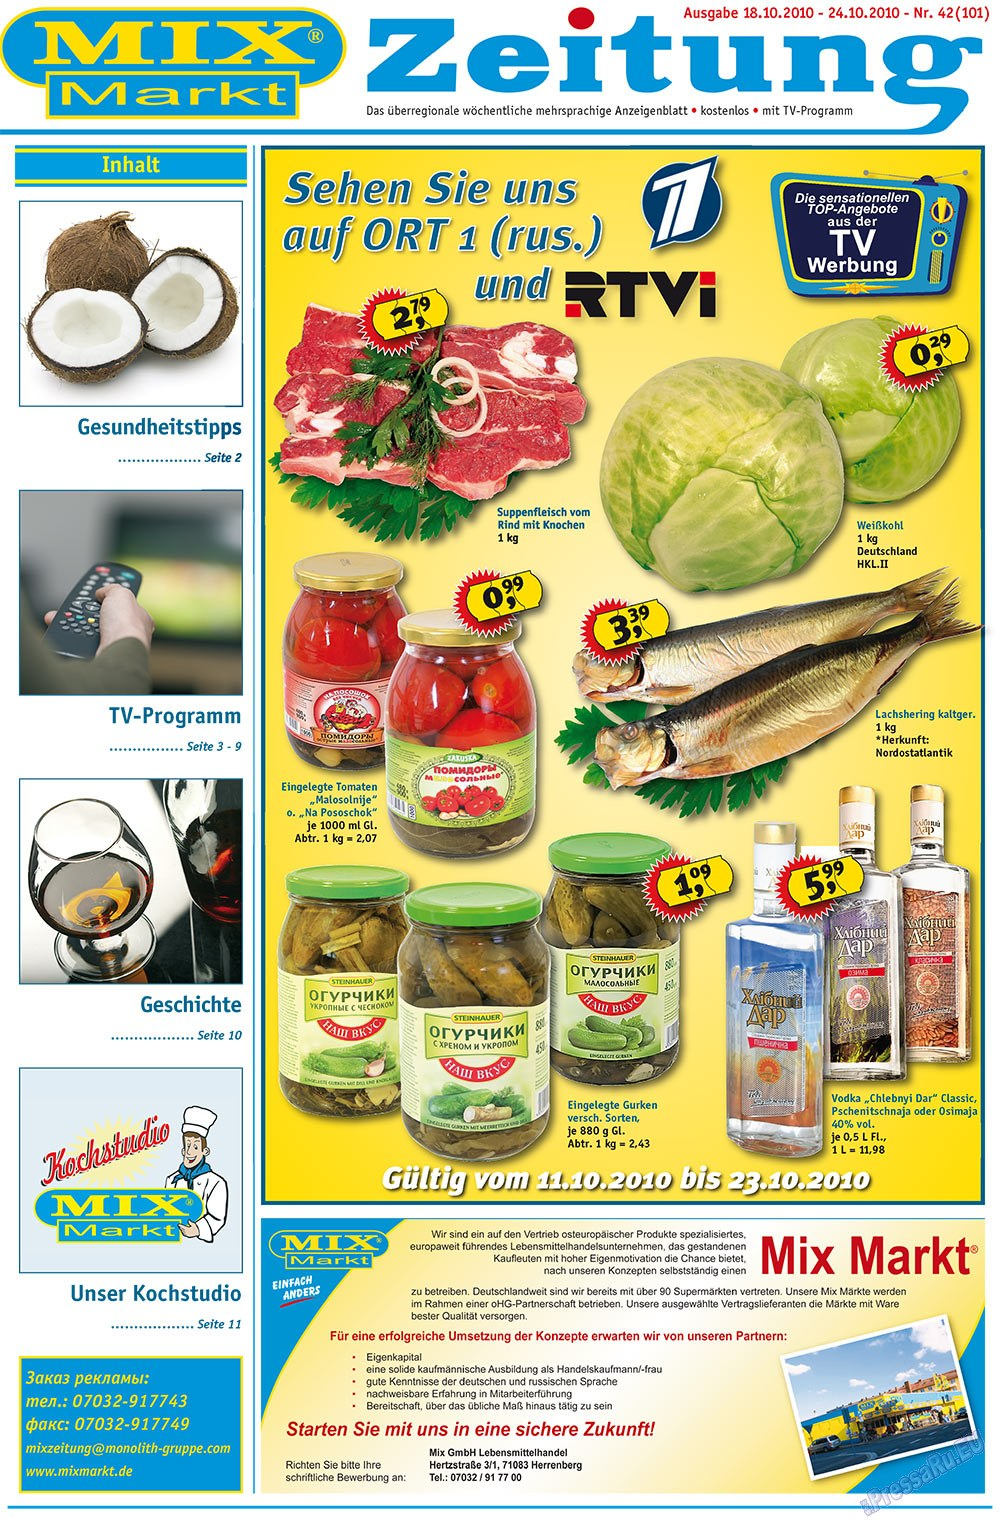 MIX-Markt Zeitung (газета). 2010 год, номер 42, стр. 1